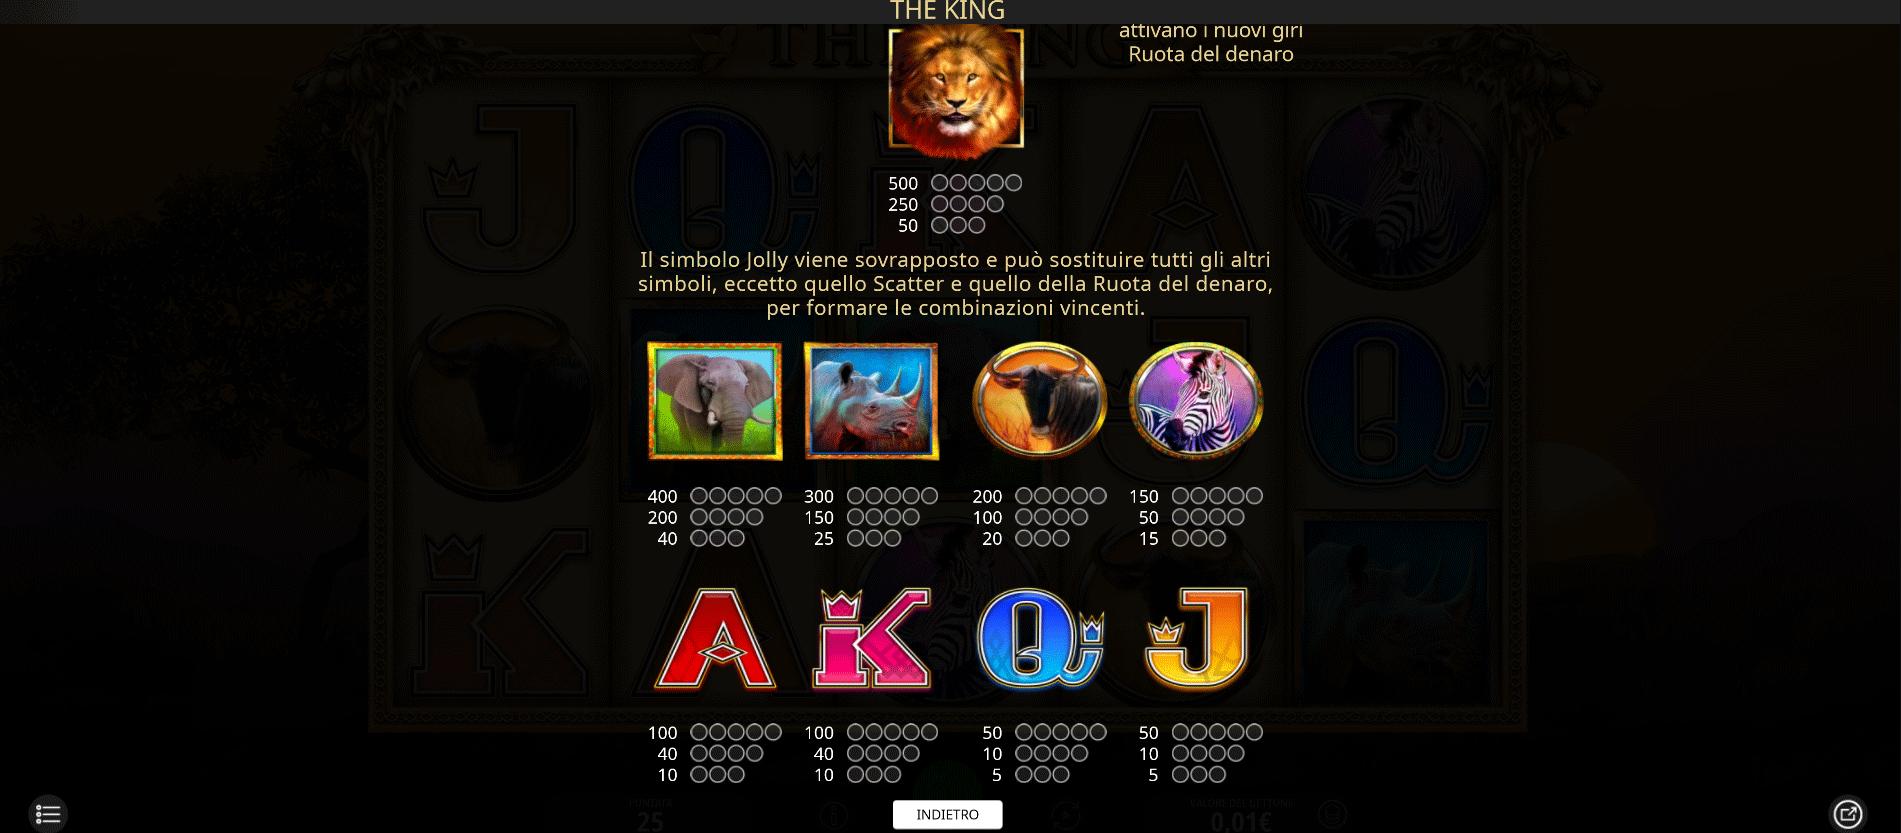 tabella dei pagamenti della slot machine the king